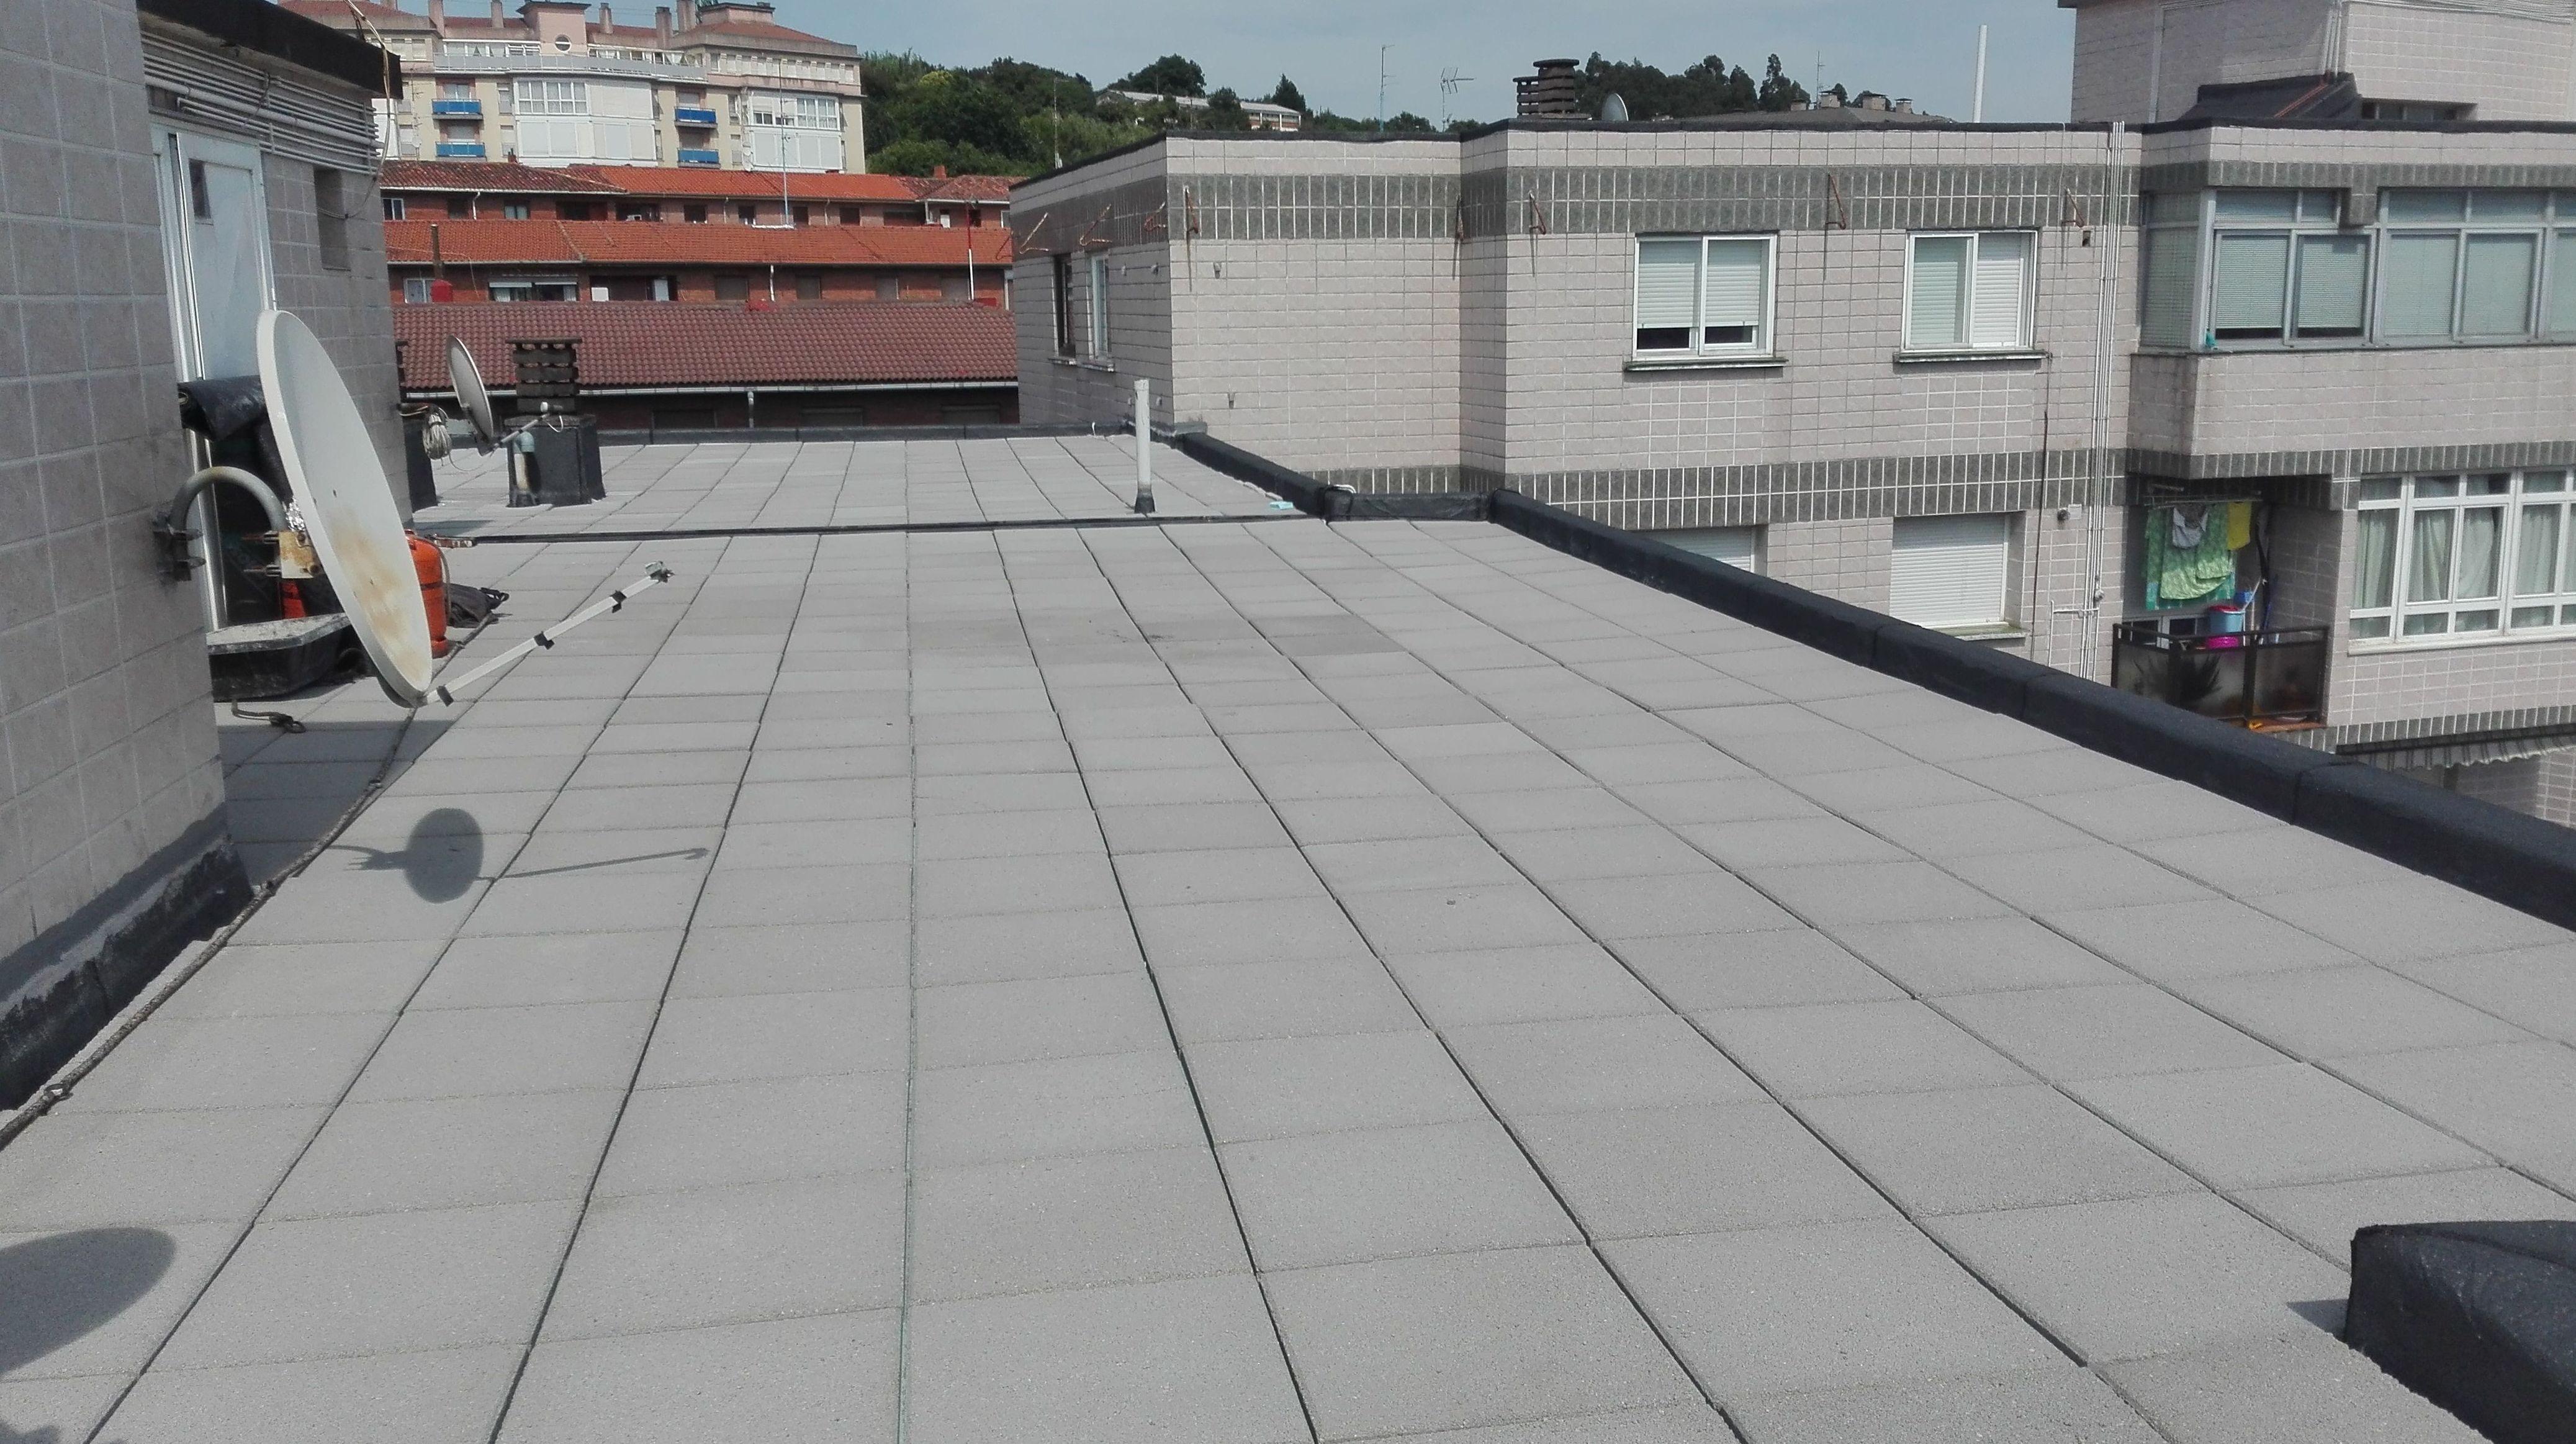 Aislamientos térmicos: Servicios de Impermeabilización Bizkaia